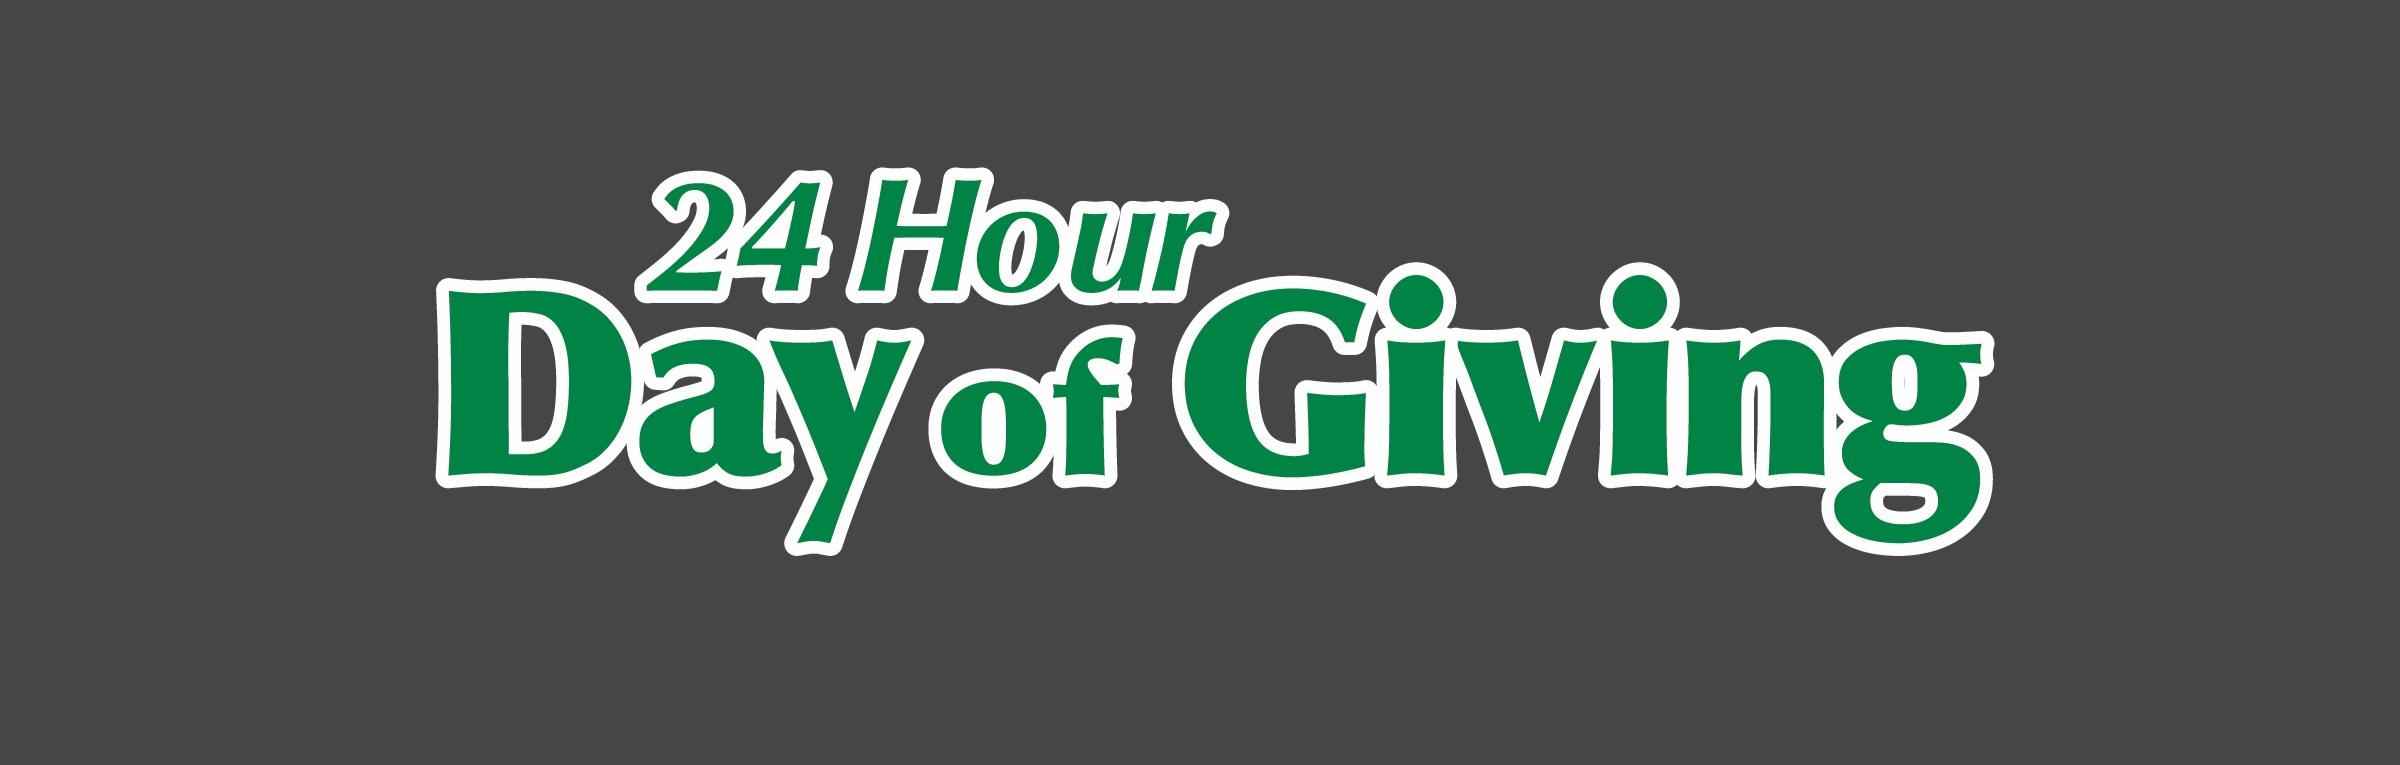 24-Hour-Day-of-Giving-Logo-Frames-06 (2).jpg